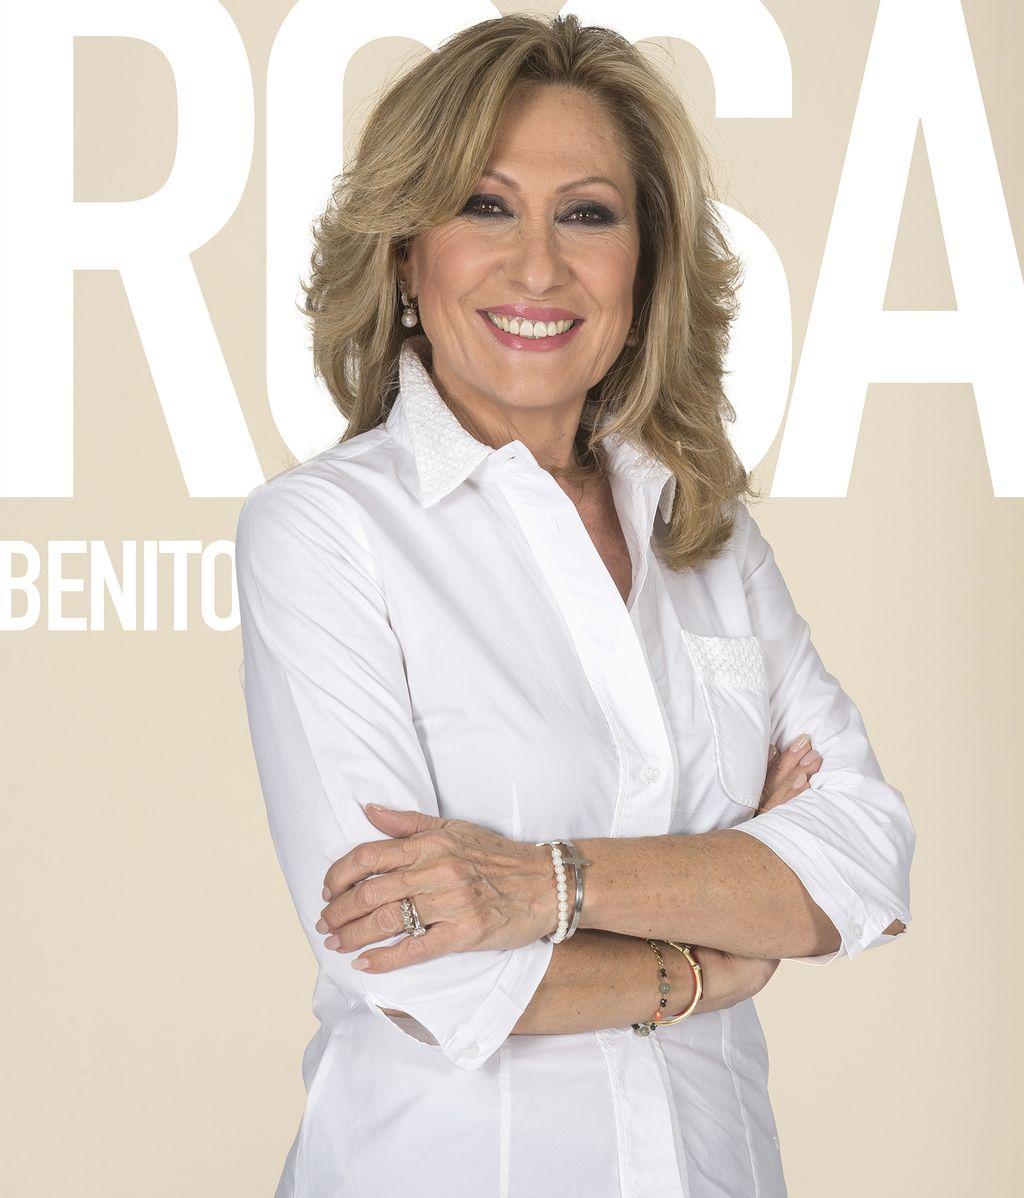 Rosa Benito llega a 'GH' con el corazón abierto al amor